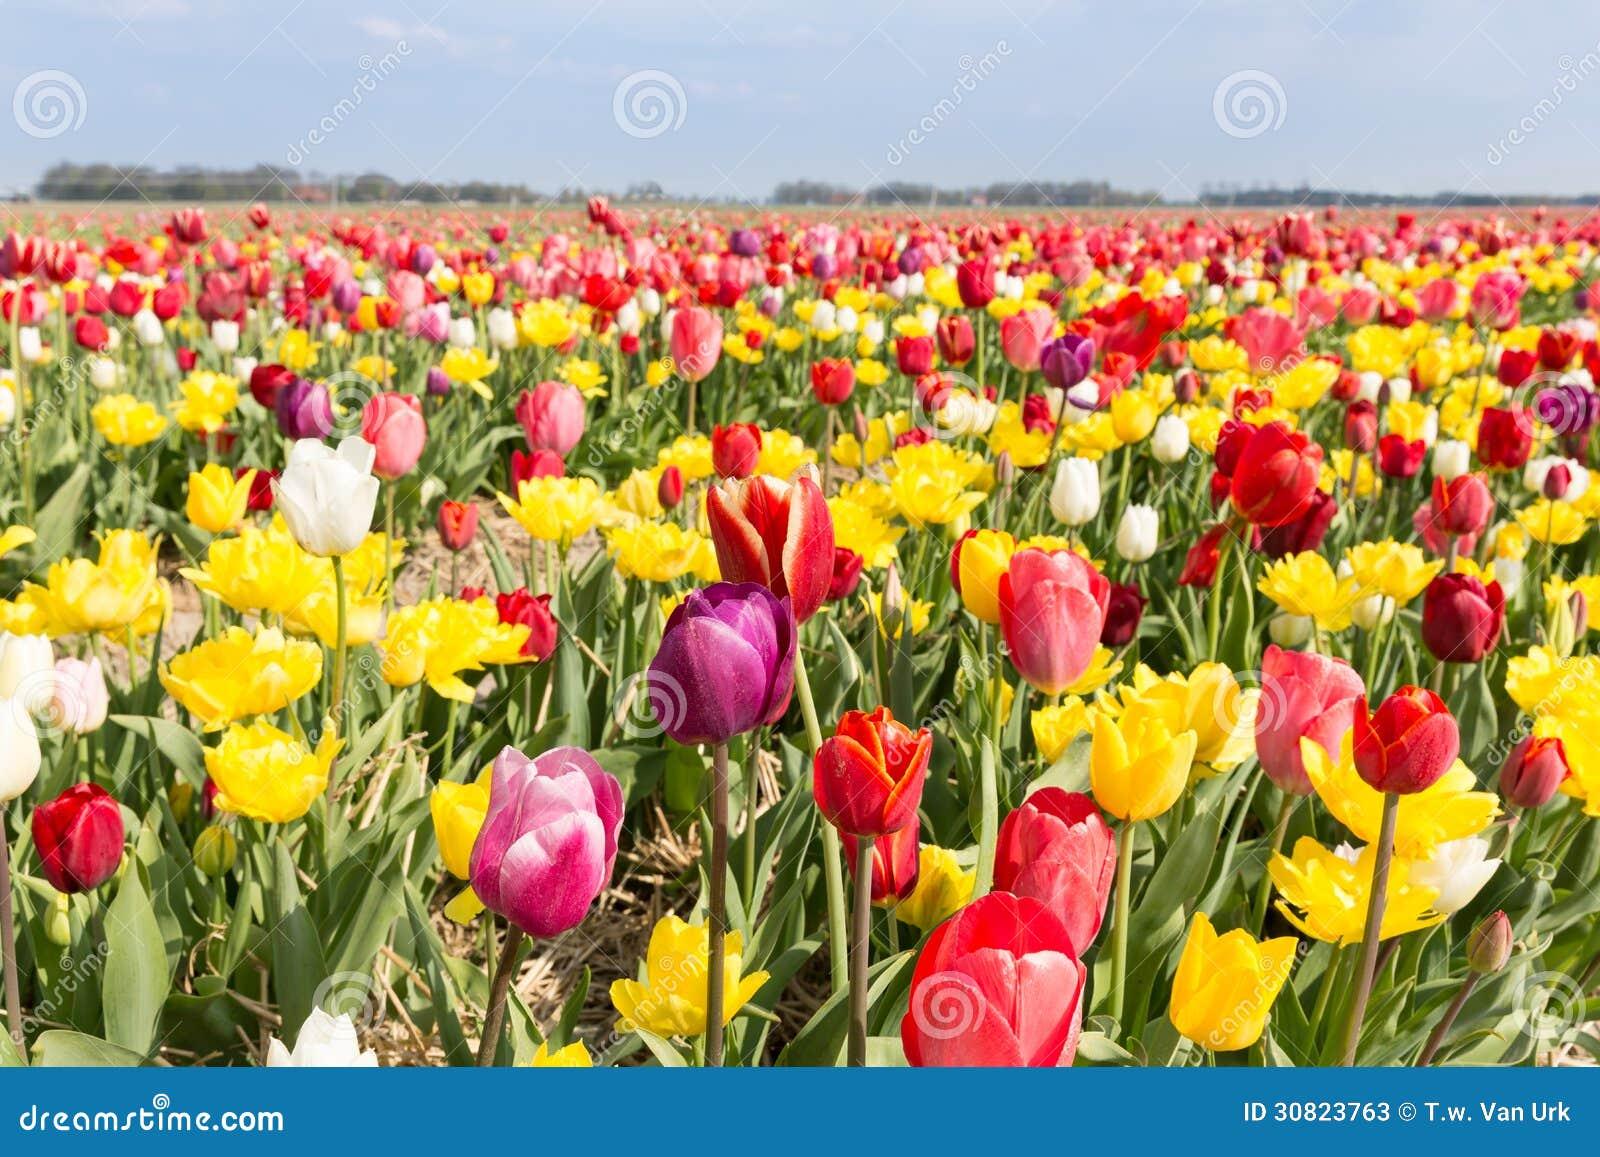 sch ne bunte tulpen gegen einen blauen himmel mit wolken stockbild bild von hell nave 30823763. Black Bedroom Furniture Sets. Home Design Ideas